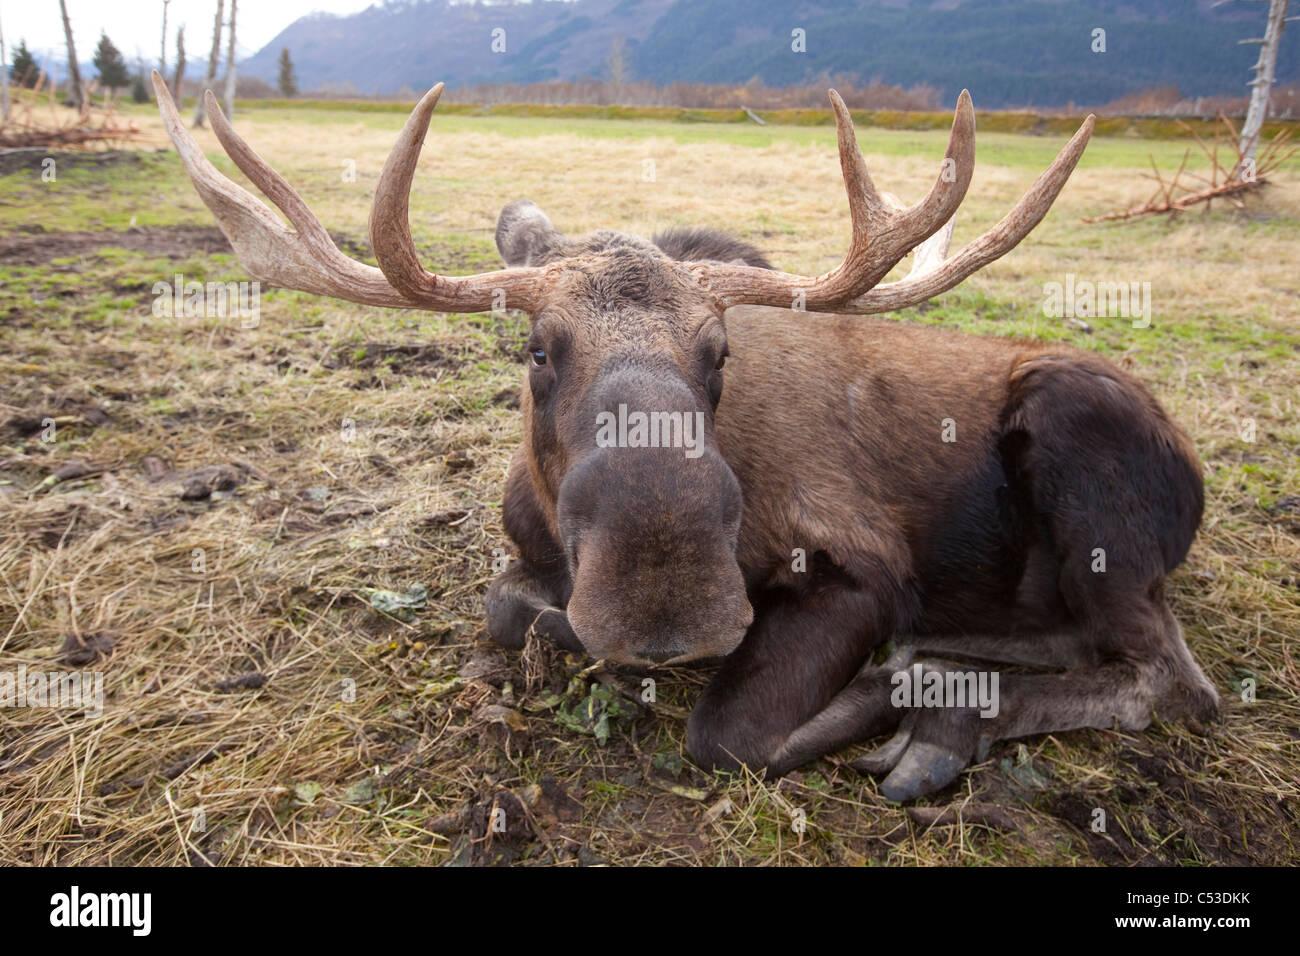 Un amplio ángulo de visión de un toro alces acostado en el pasto en el Centro de Conservación Widllife Imagen De Stock